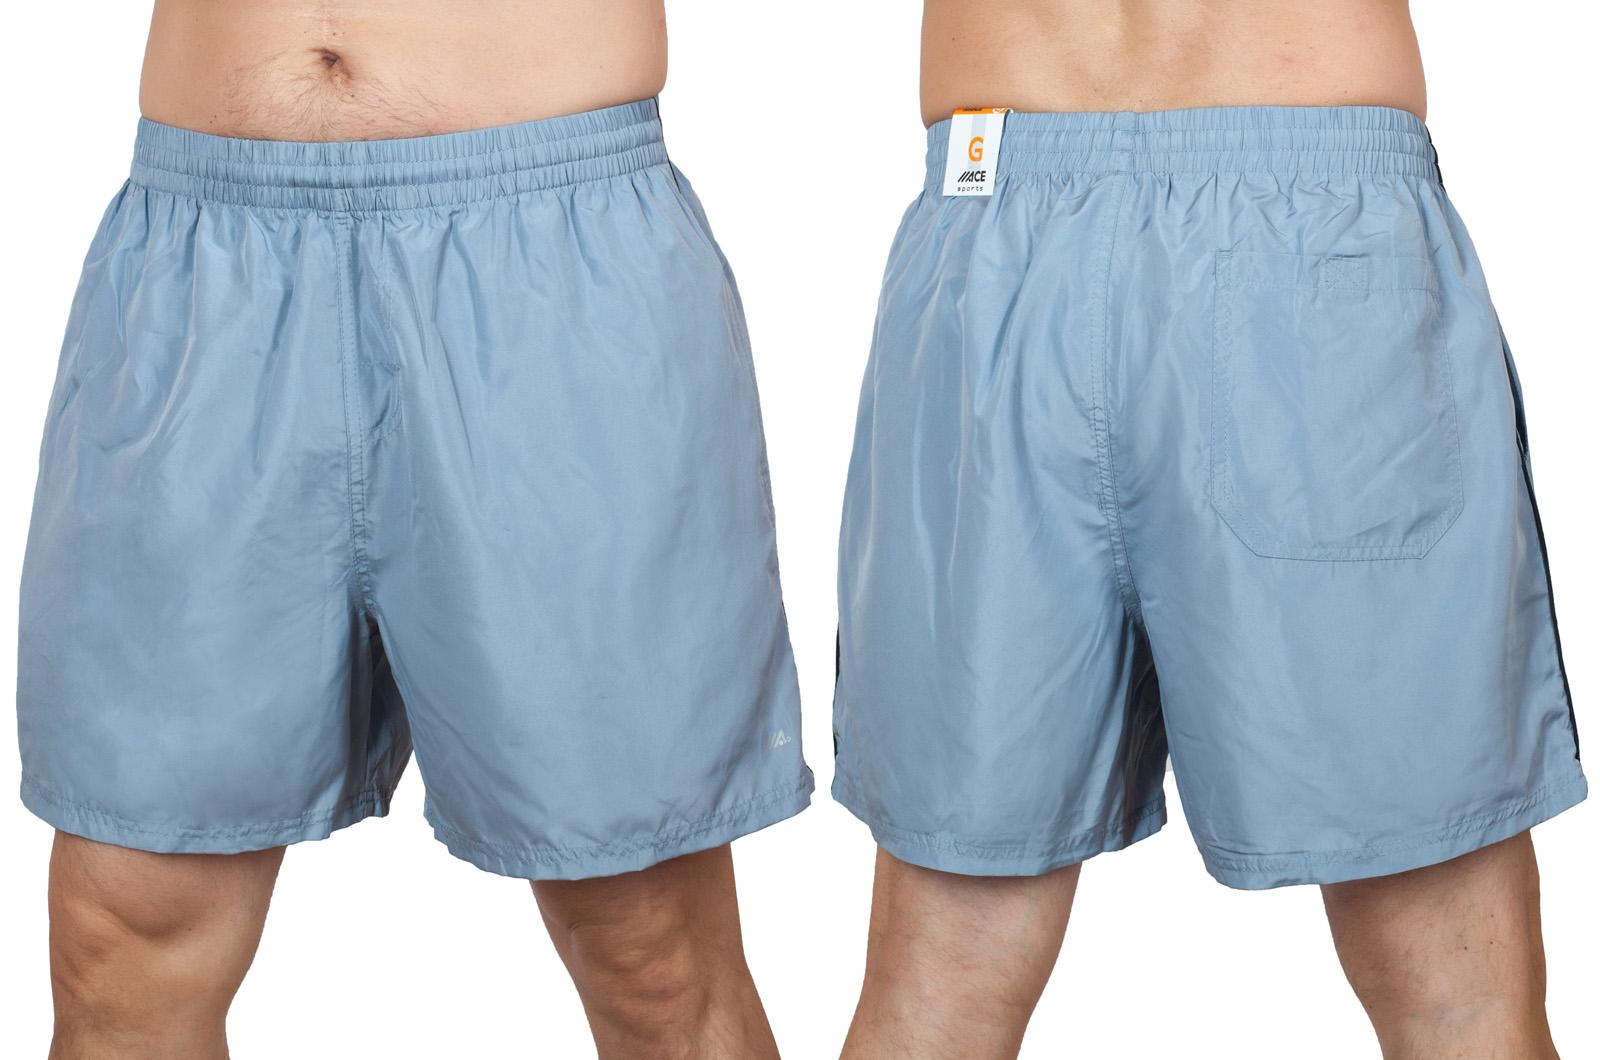 Мужские шорты канадского качества от MACE с доставкой